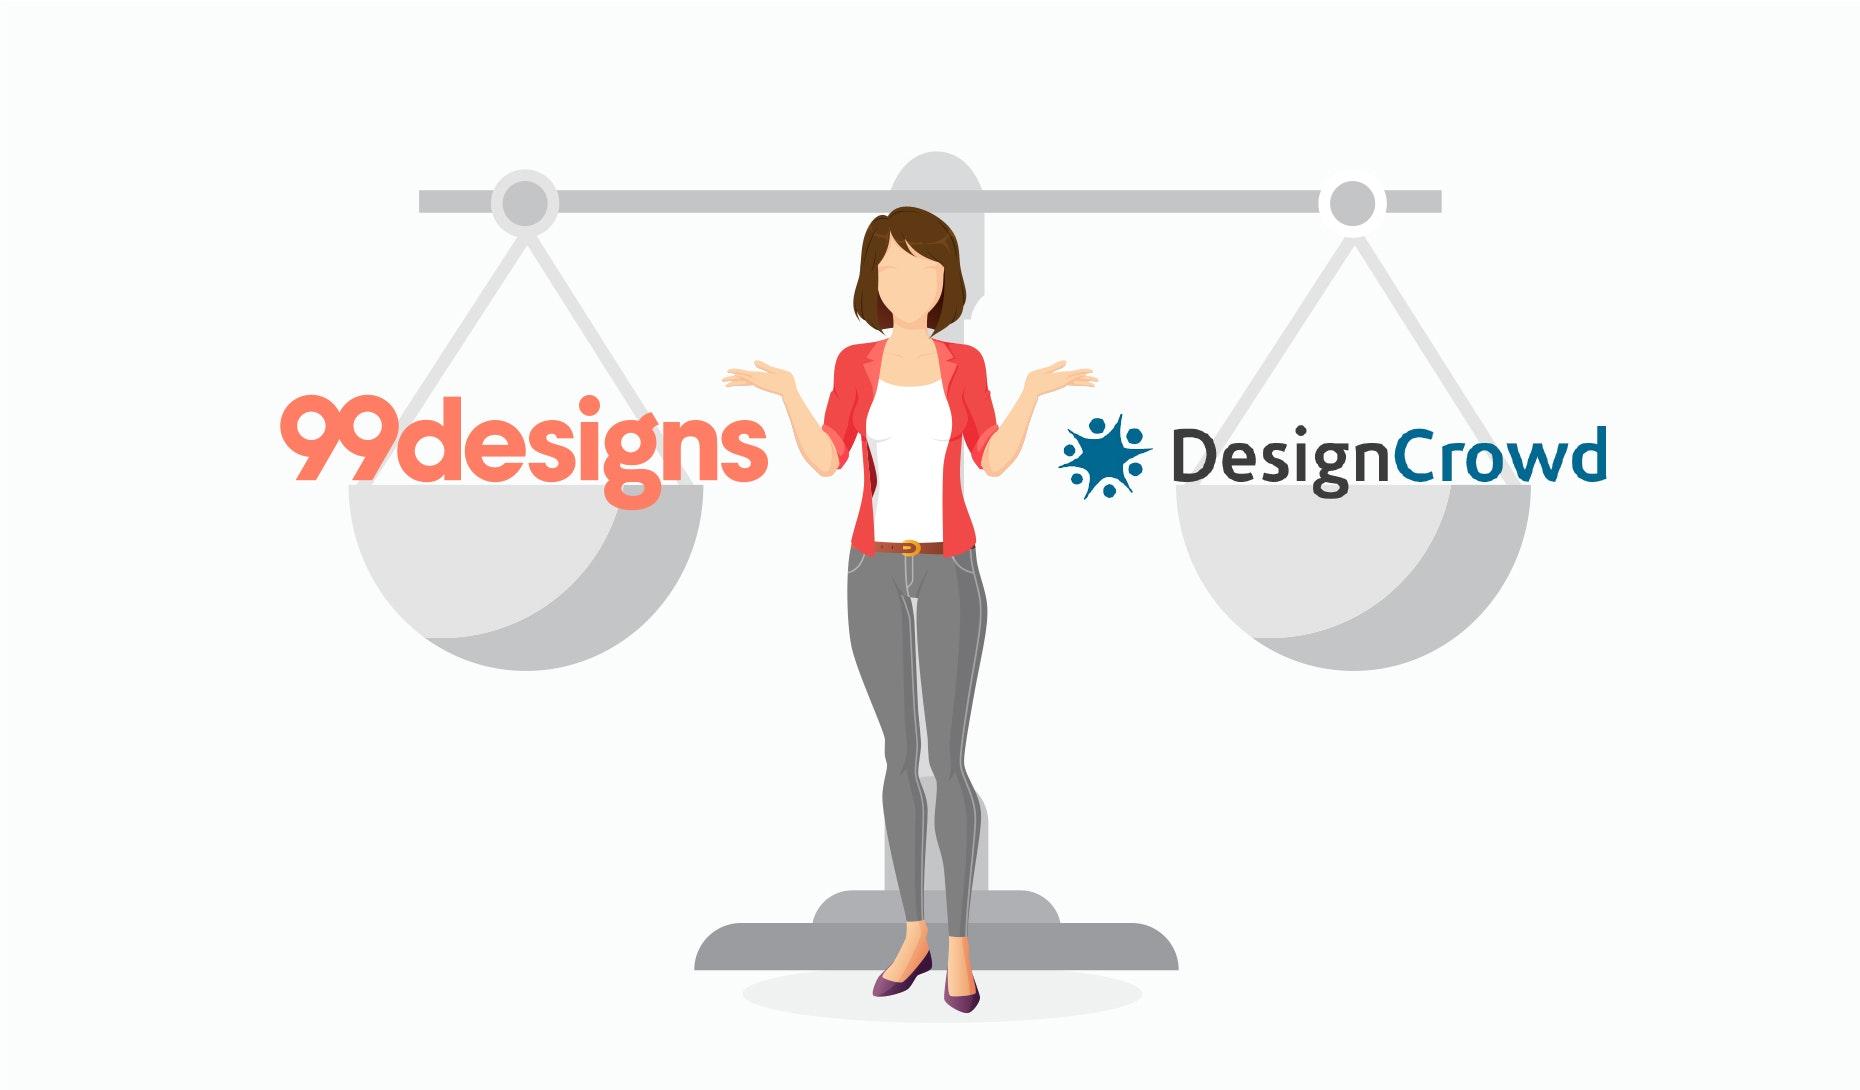 99designs vs design crowd